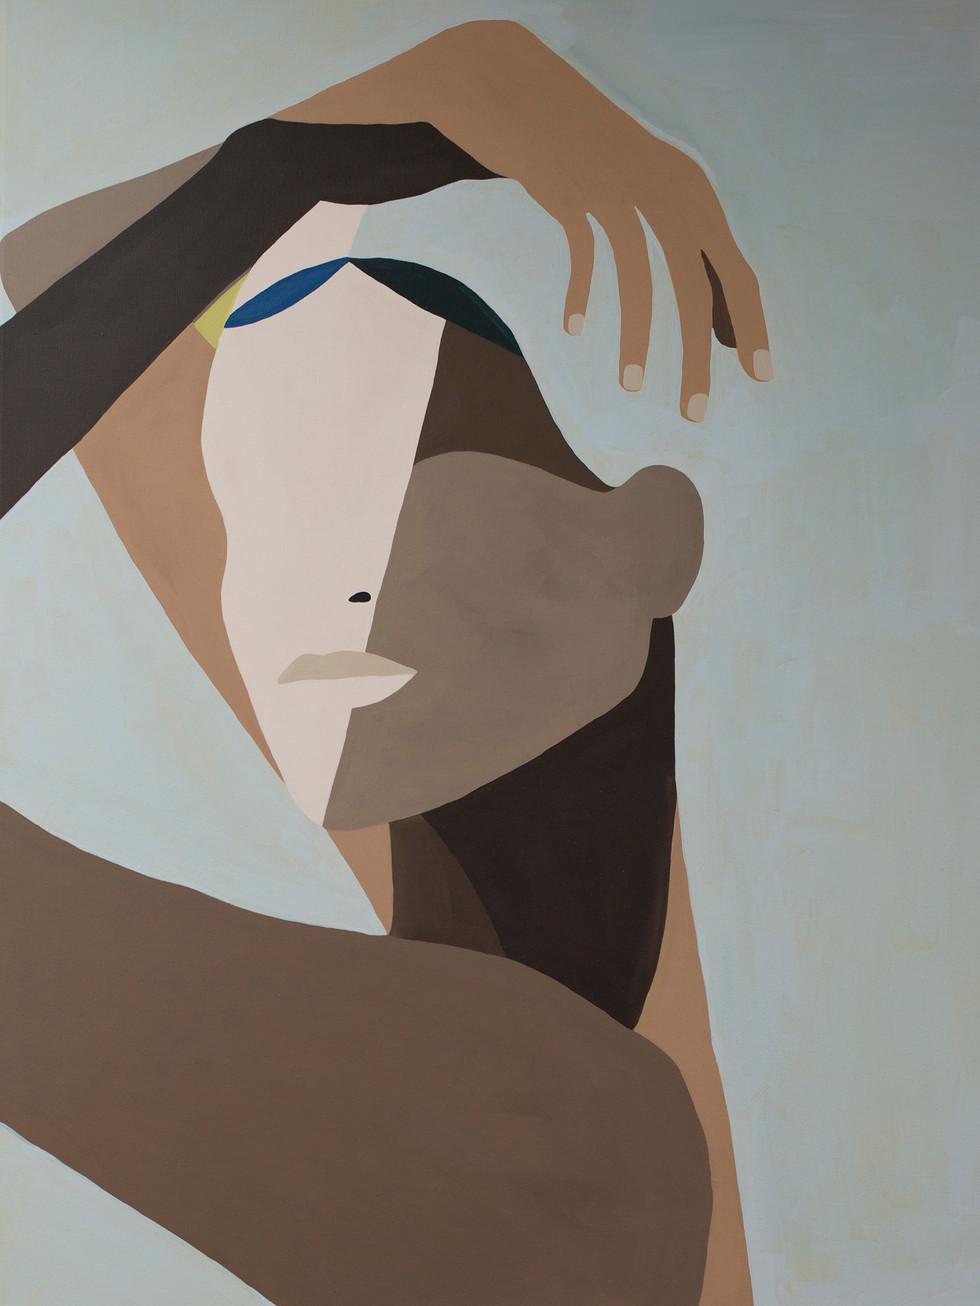 Air, 2020 acrylic on canvas 60 x 80 cm